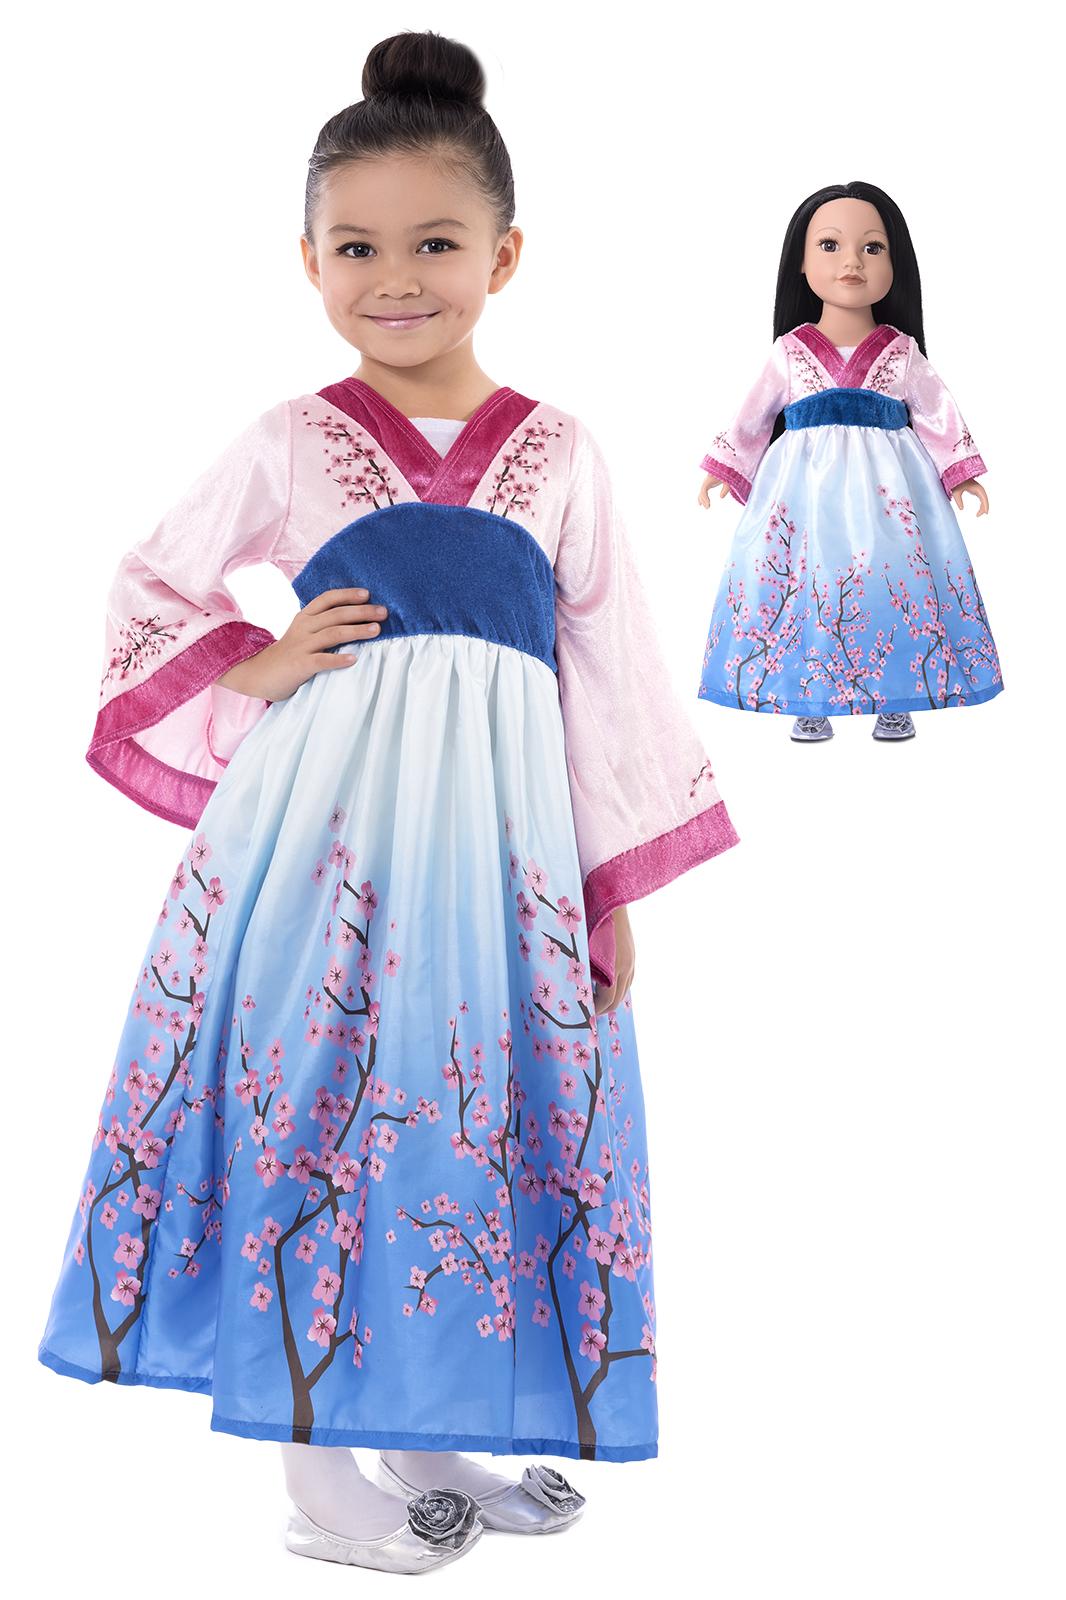 Mulan Child And Doll Dress Set